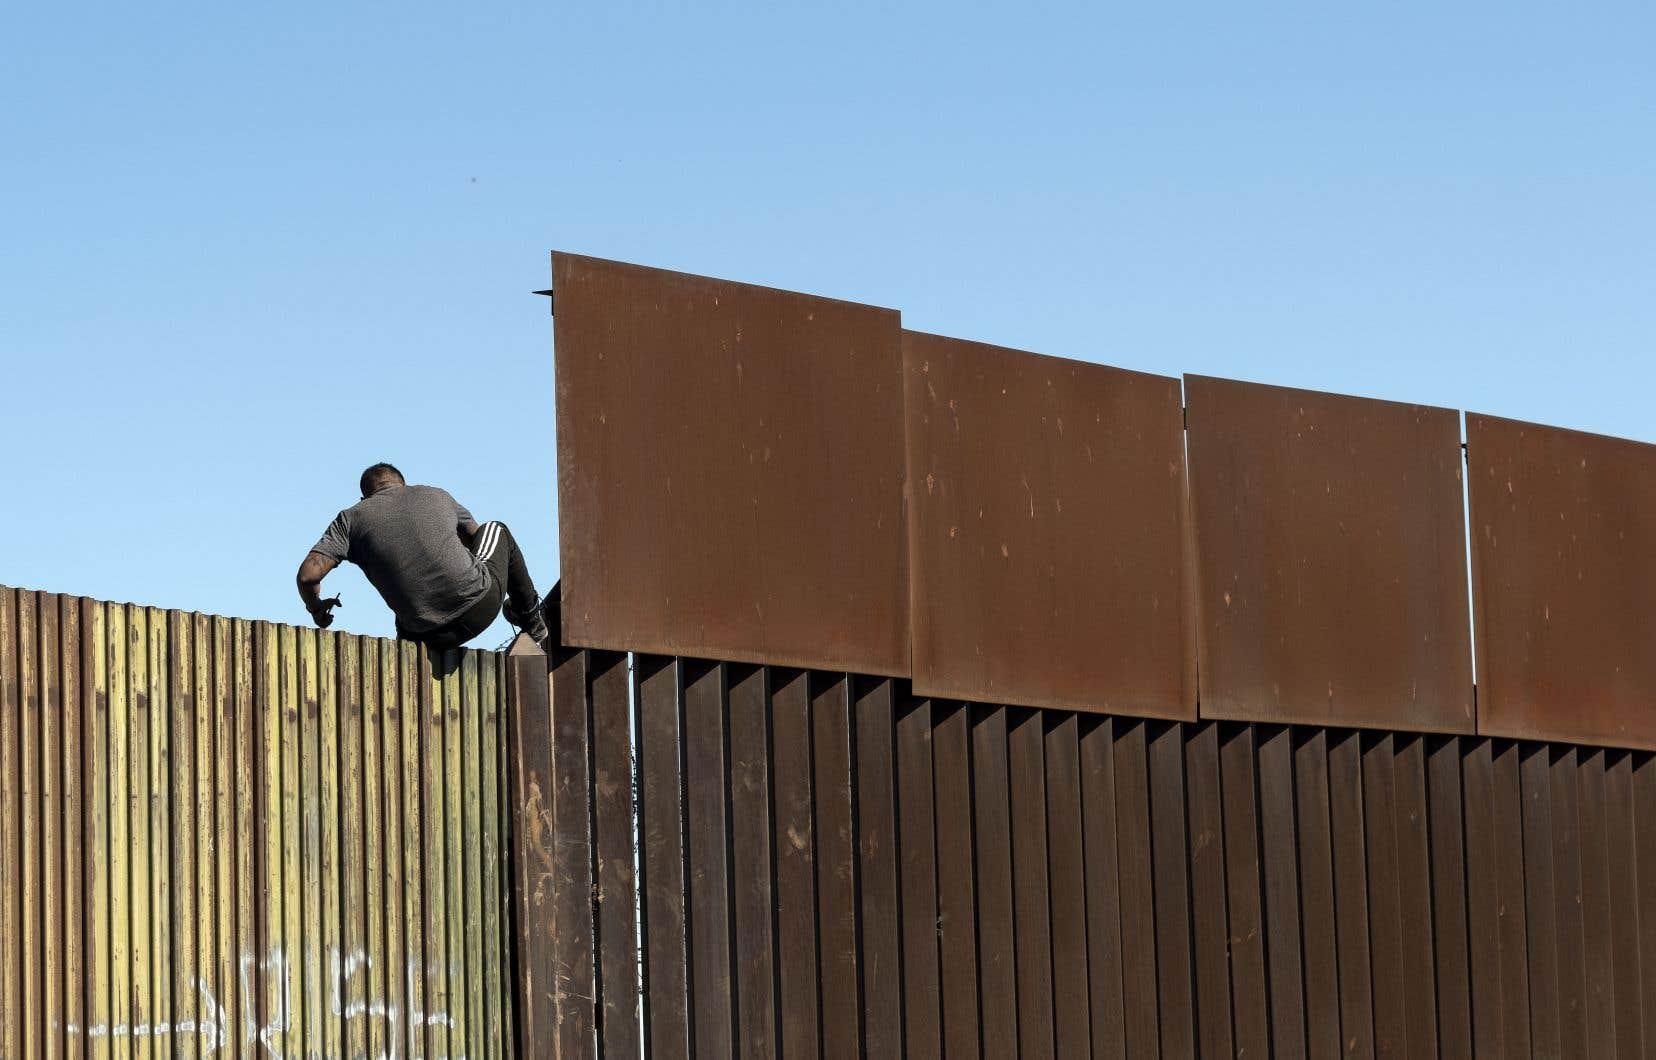 Un homme traverse la barrière frontalière américano-mexicaine de Mexicali à Calexico, dans l'État de Baja California, au Mexique, le 11 février 2020.